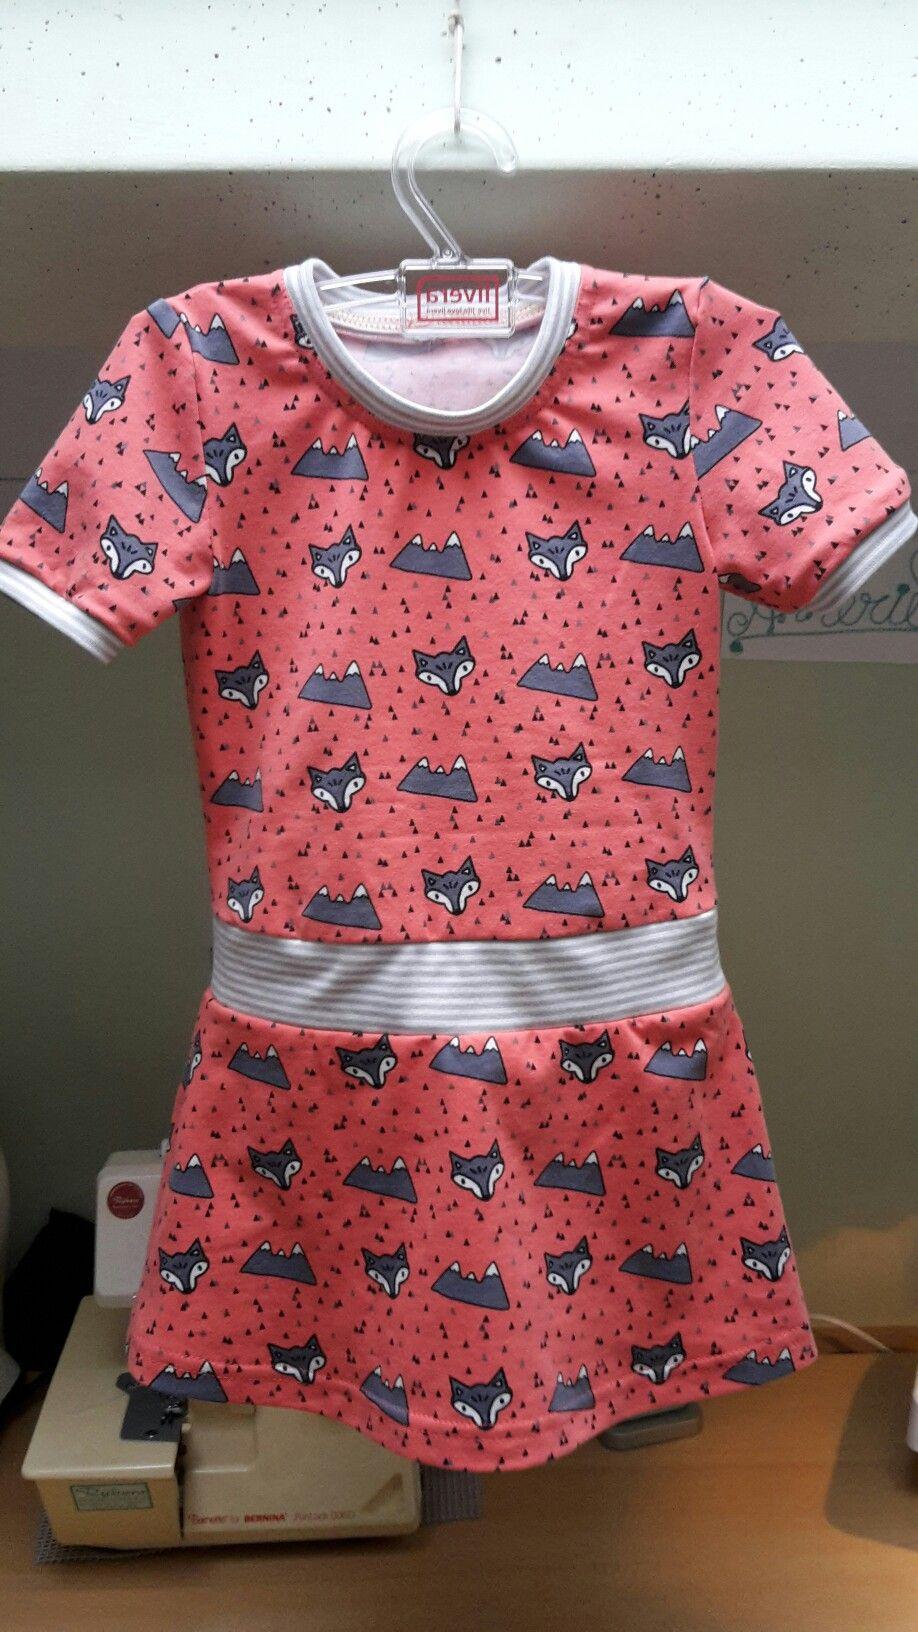 Helemaal tevreden met dit jurkje voor mijn 2 jarige kleindochter! Gemaakt van tricot in combinatie met boordstof.